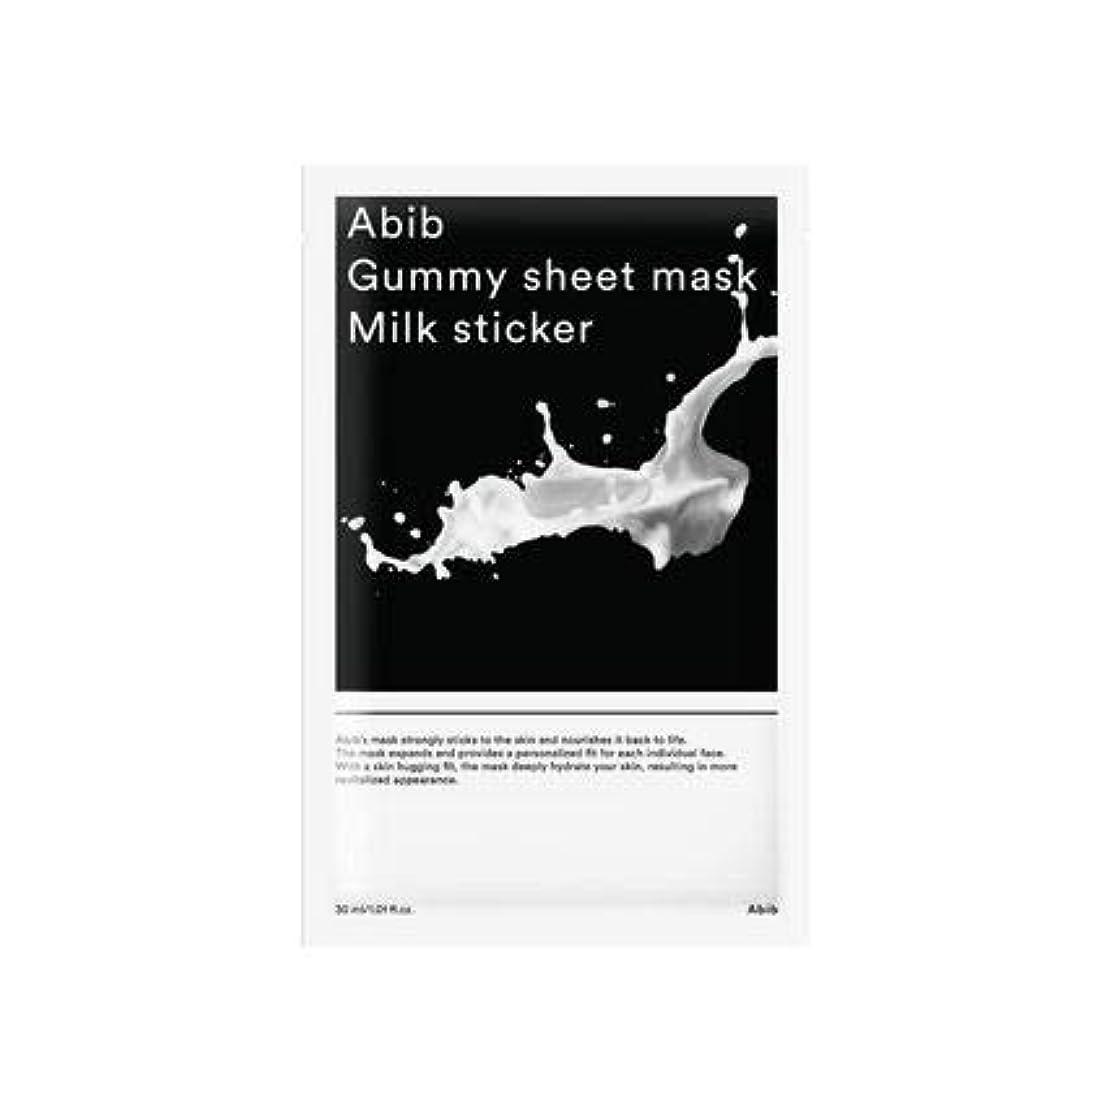 新しさ怠な相対性理論[Abib] アイブガムのくるみシートマスクミルクステッカー 30mlx10枚 / ABIB GUMMY SHEET MASK MILK STICKER 30mlx10EA [並行輸入品]